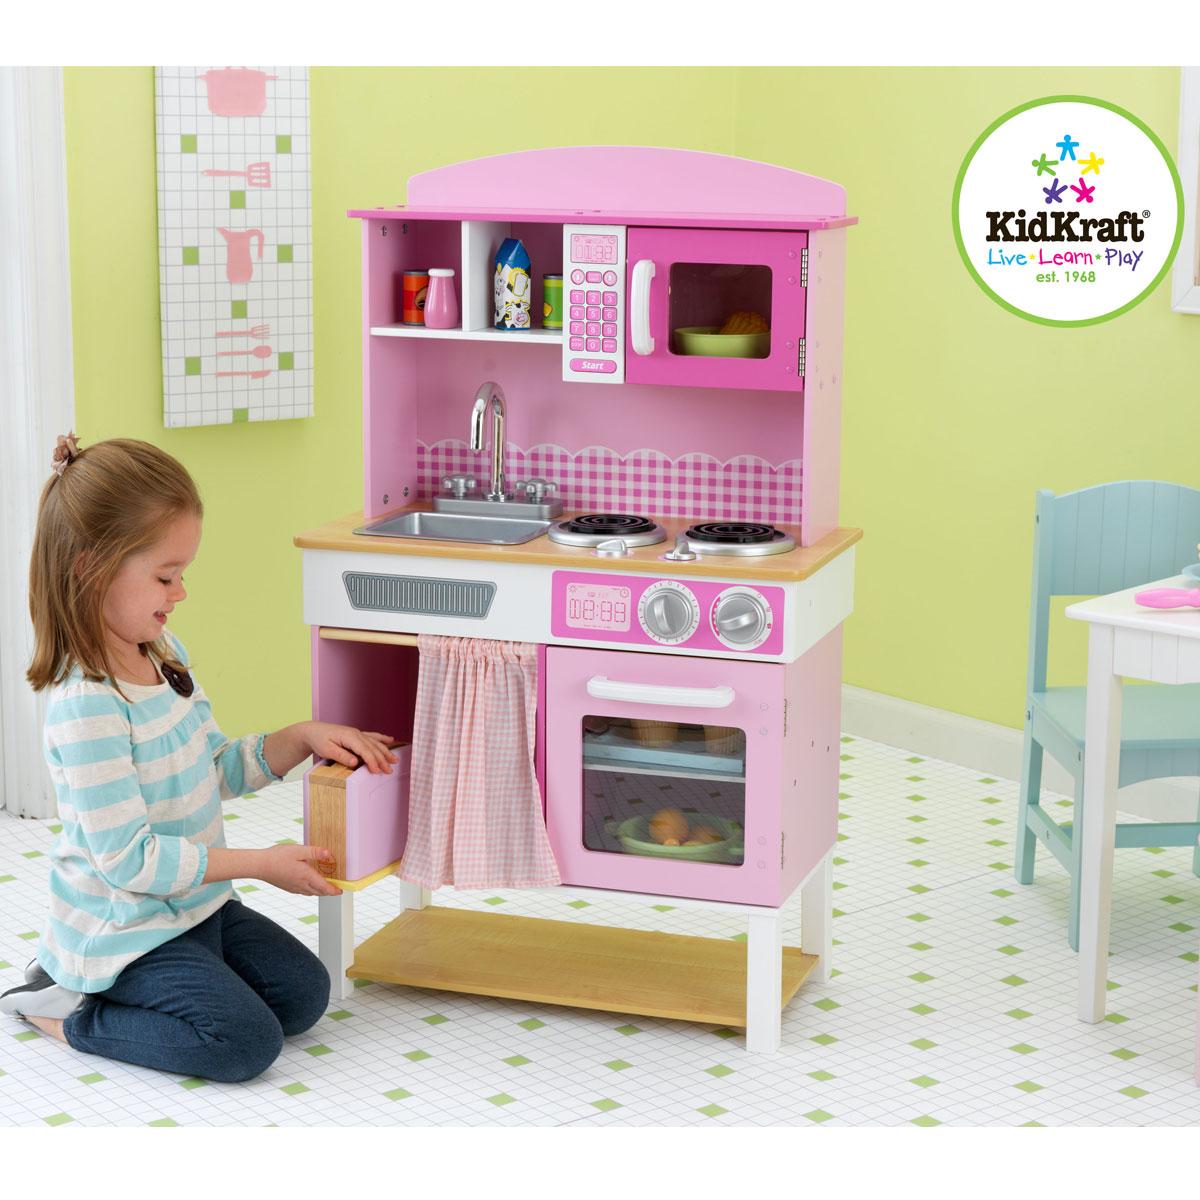 holzküche für kinder: kinderküche von kidkraft